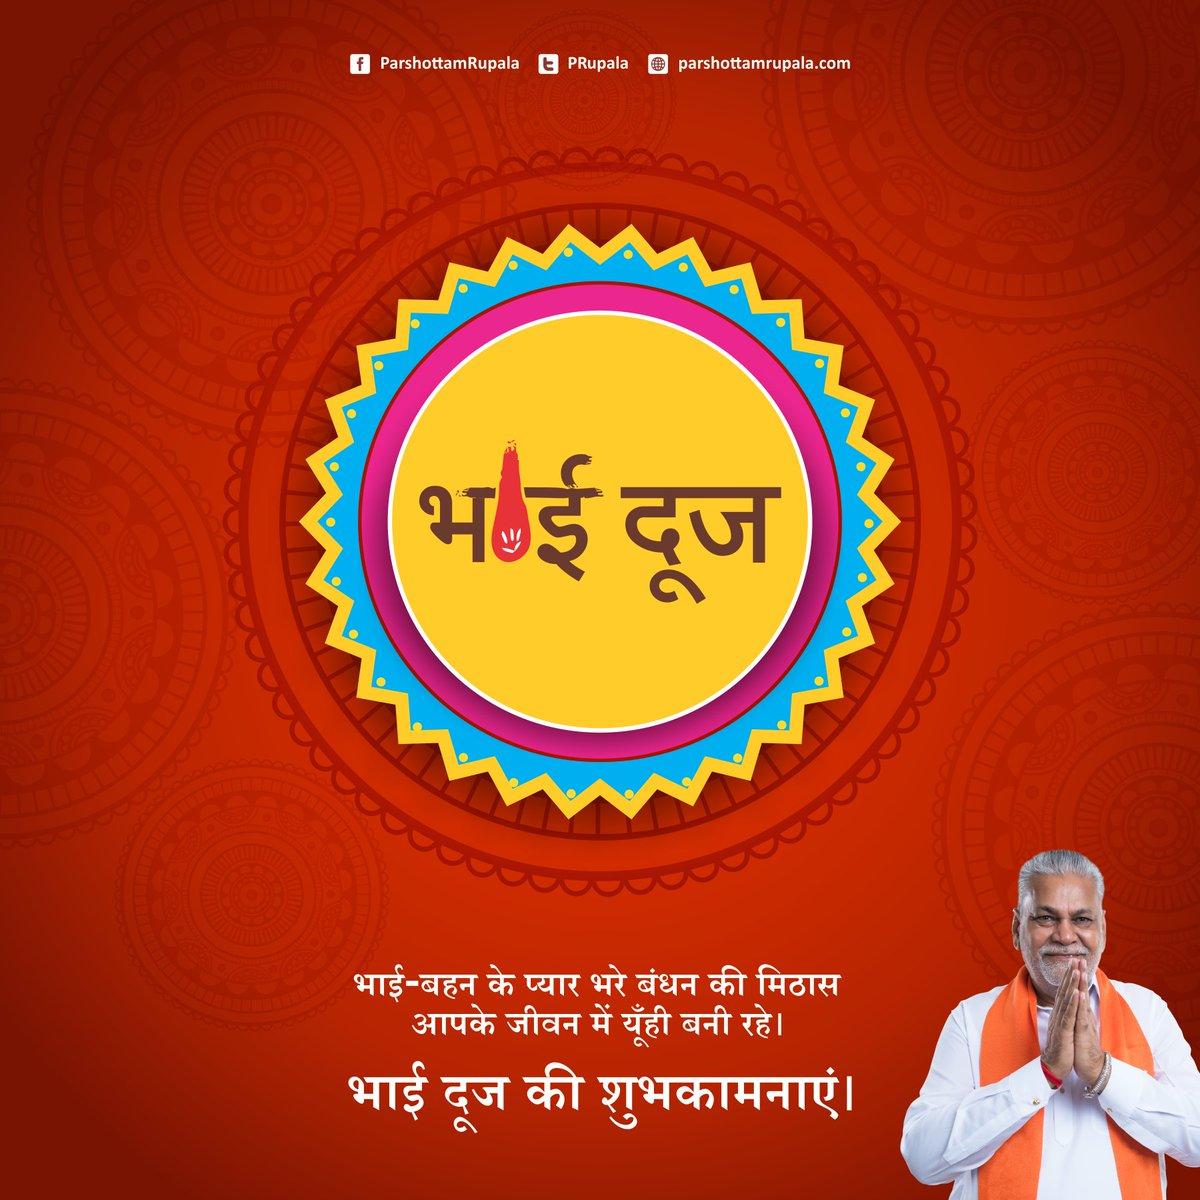 आप सभी को भाई दूज के पावन पर्व की हार्दिक शुभकामनाएं।  #BhaiDooj https...